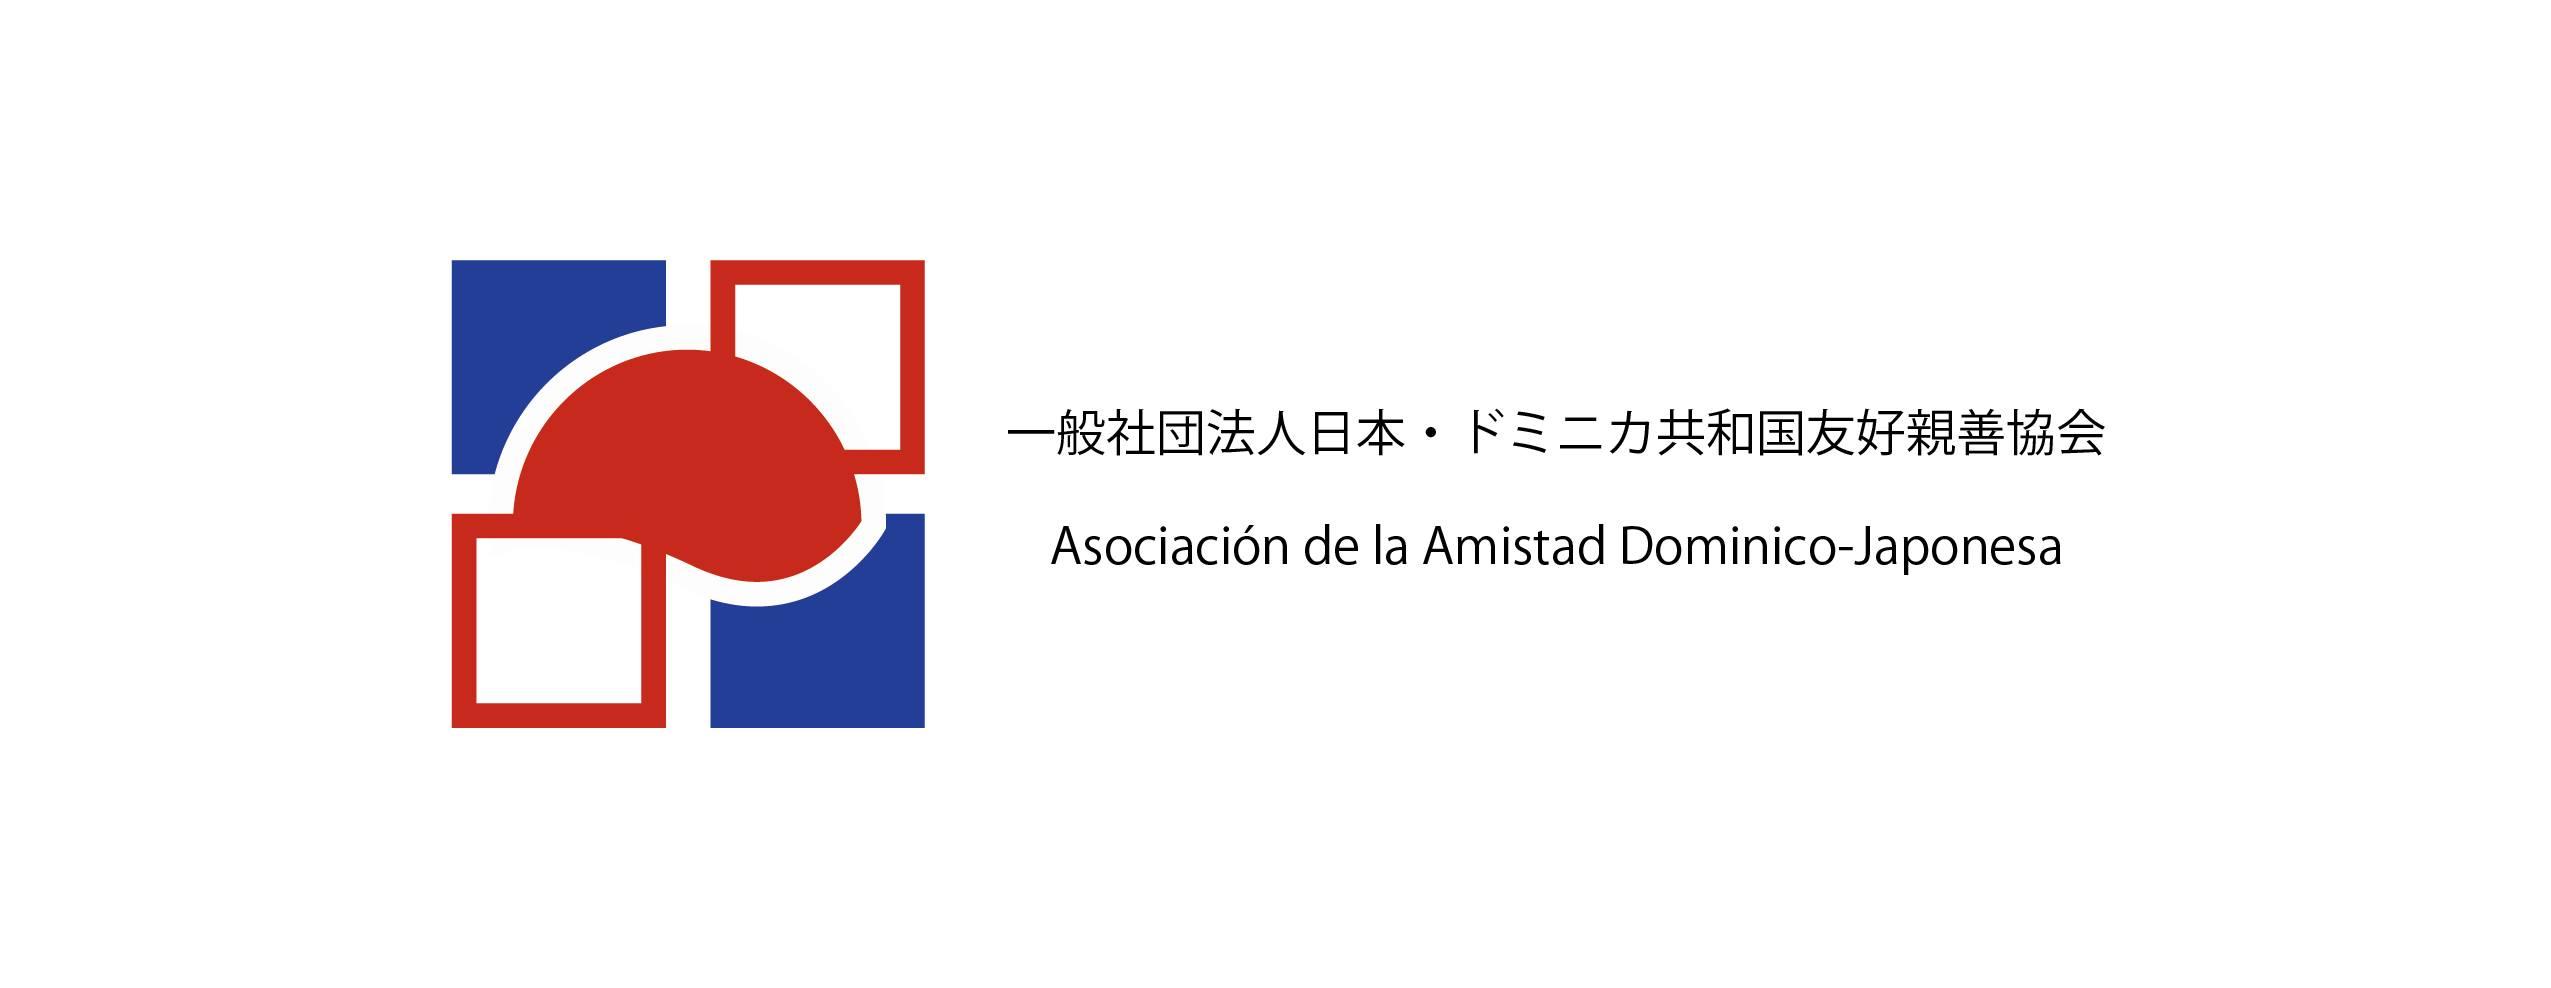 asociacion-logo-5